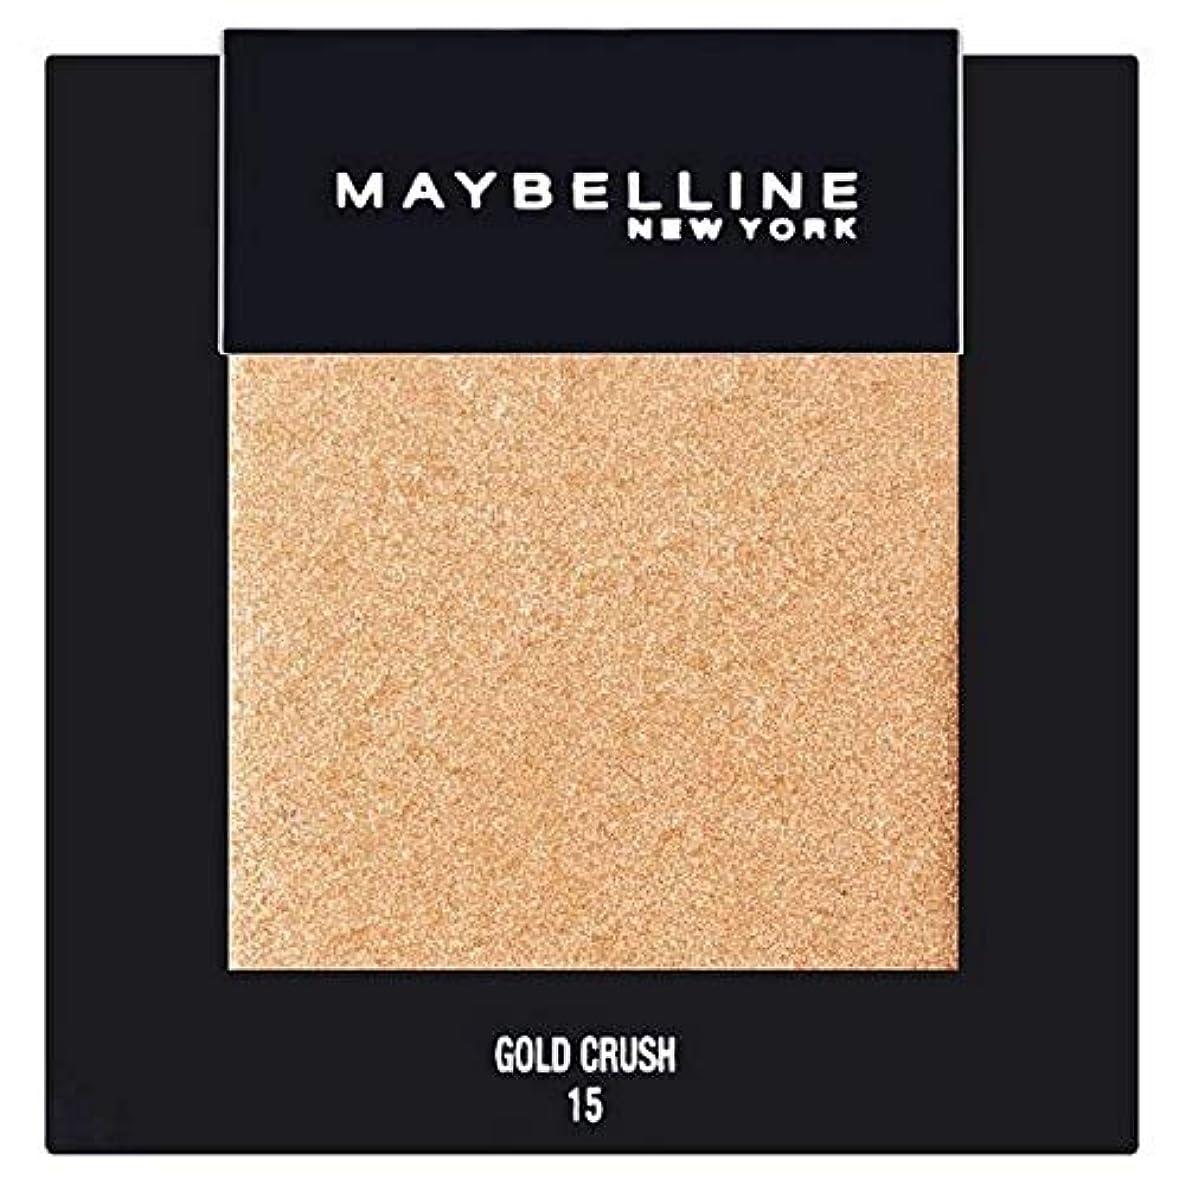 ピック動く解決[Maybelline ] メイベリンカラーショーシングルアイシャドウ15金クラッシュ - Maybelline Color Show Single Eyeshadow 15 Gold Crush [並行輸入品]